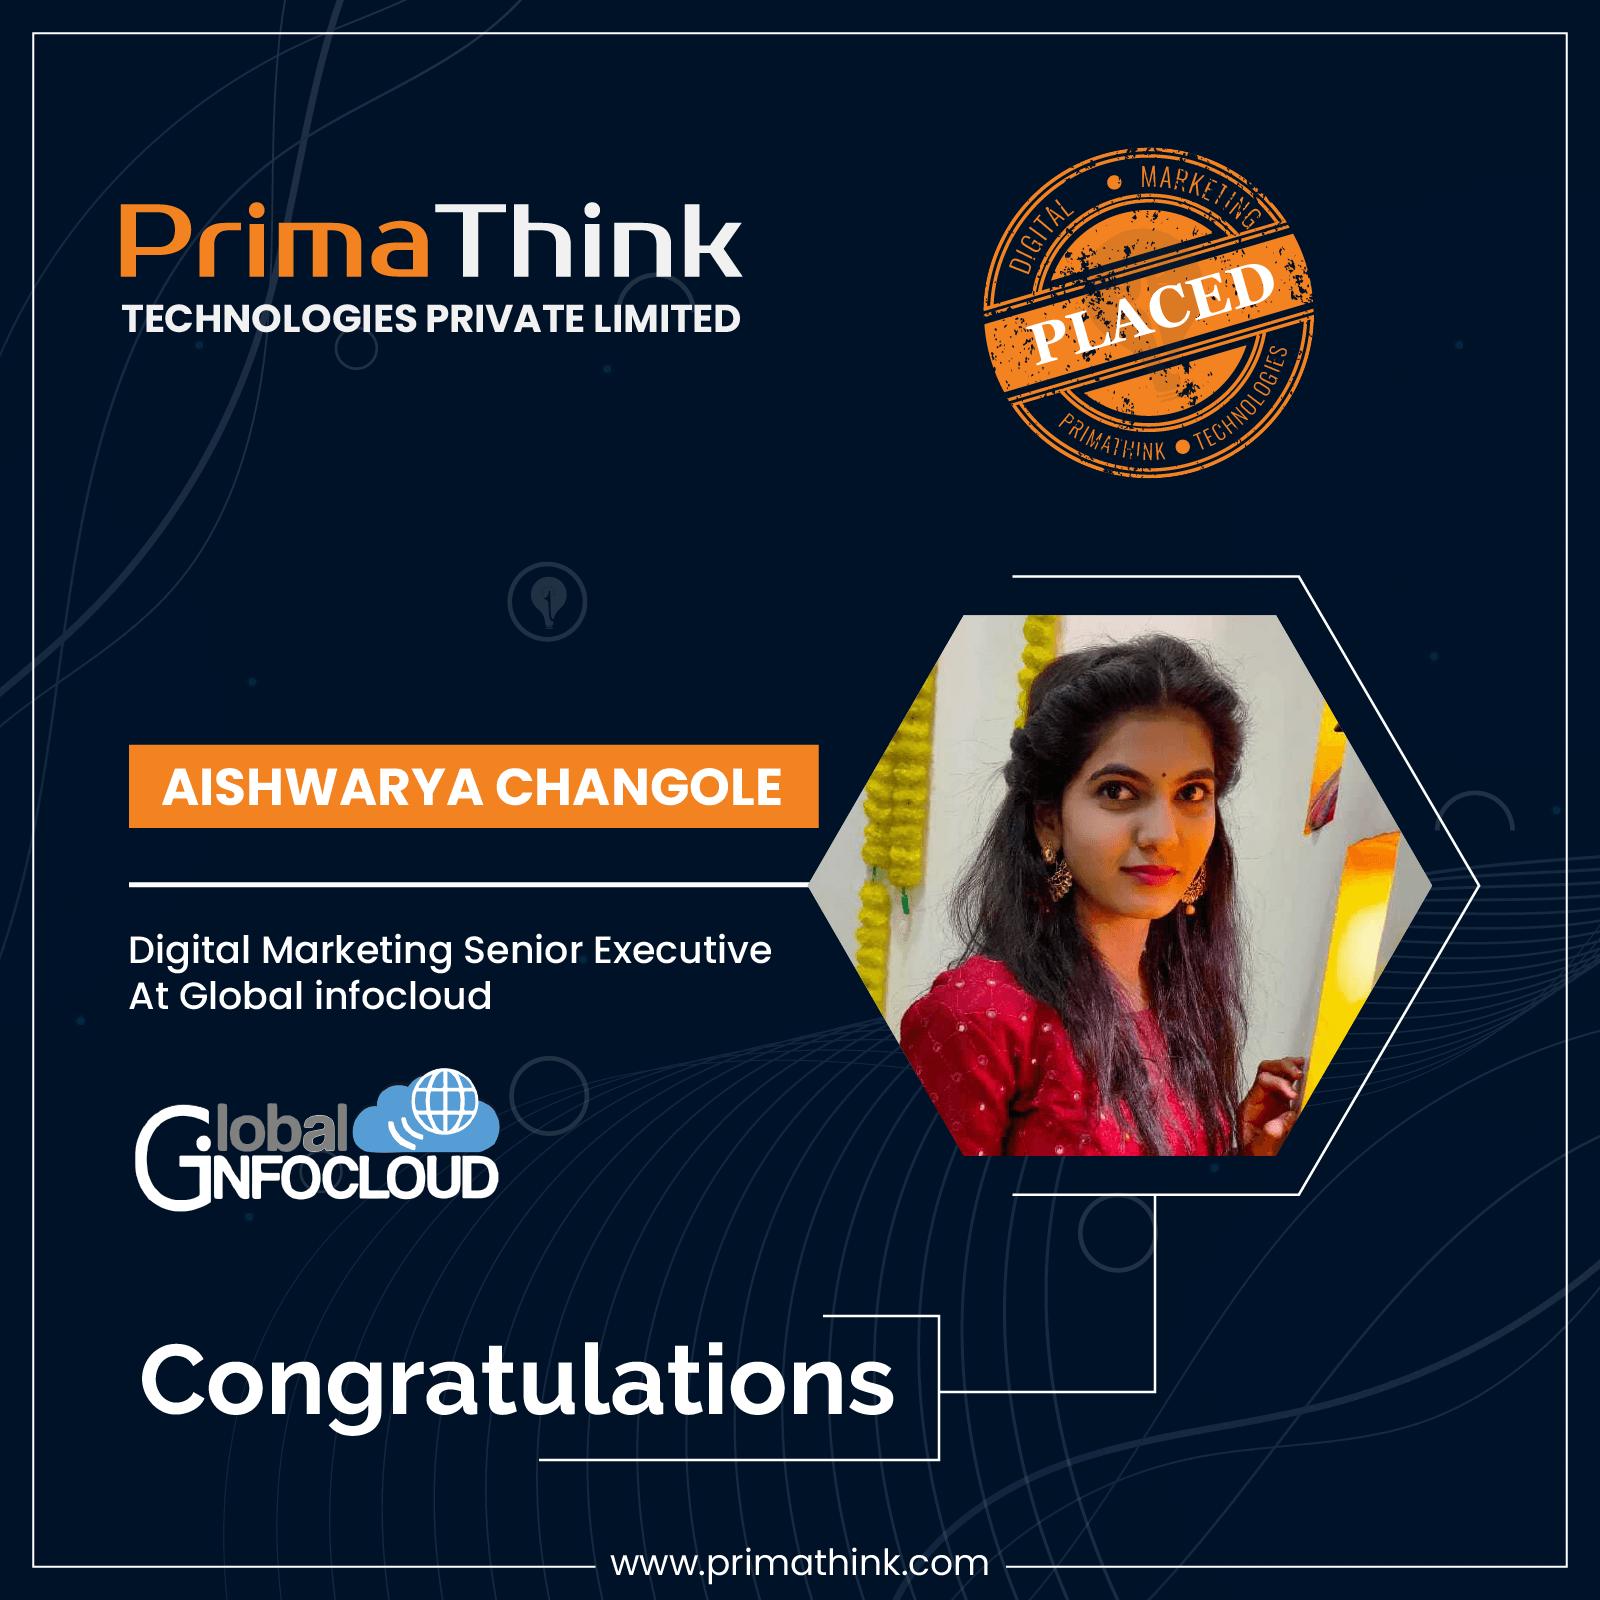 primathink placement Aishwarya Changole